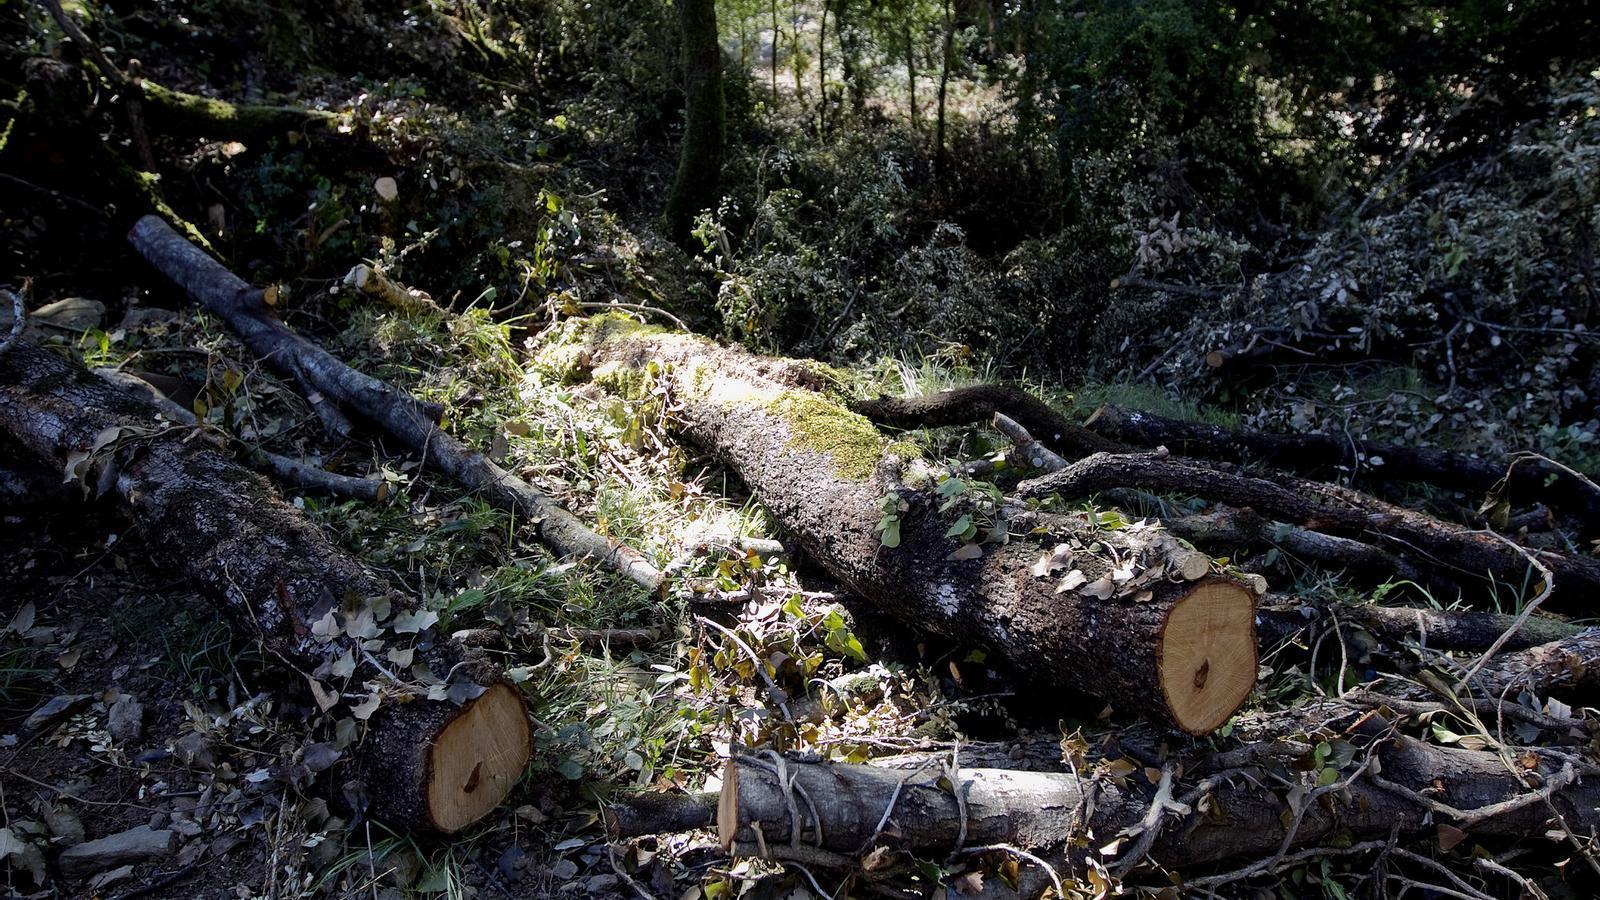 Una tona d'estella de fusta es cotitza actualment a un preu d'entre 60 i 70 euros. / PERE TORDERA